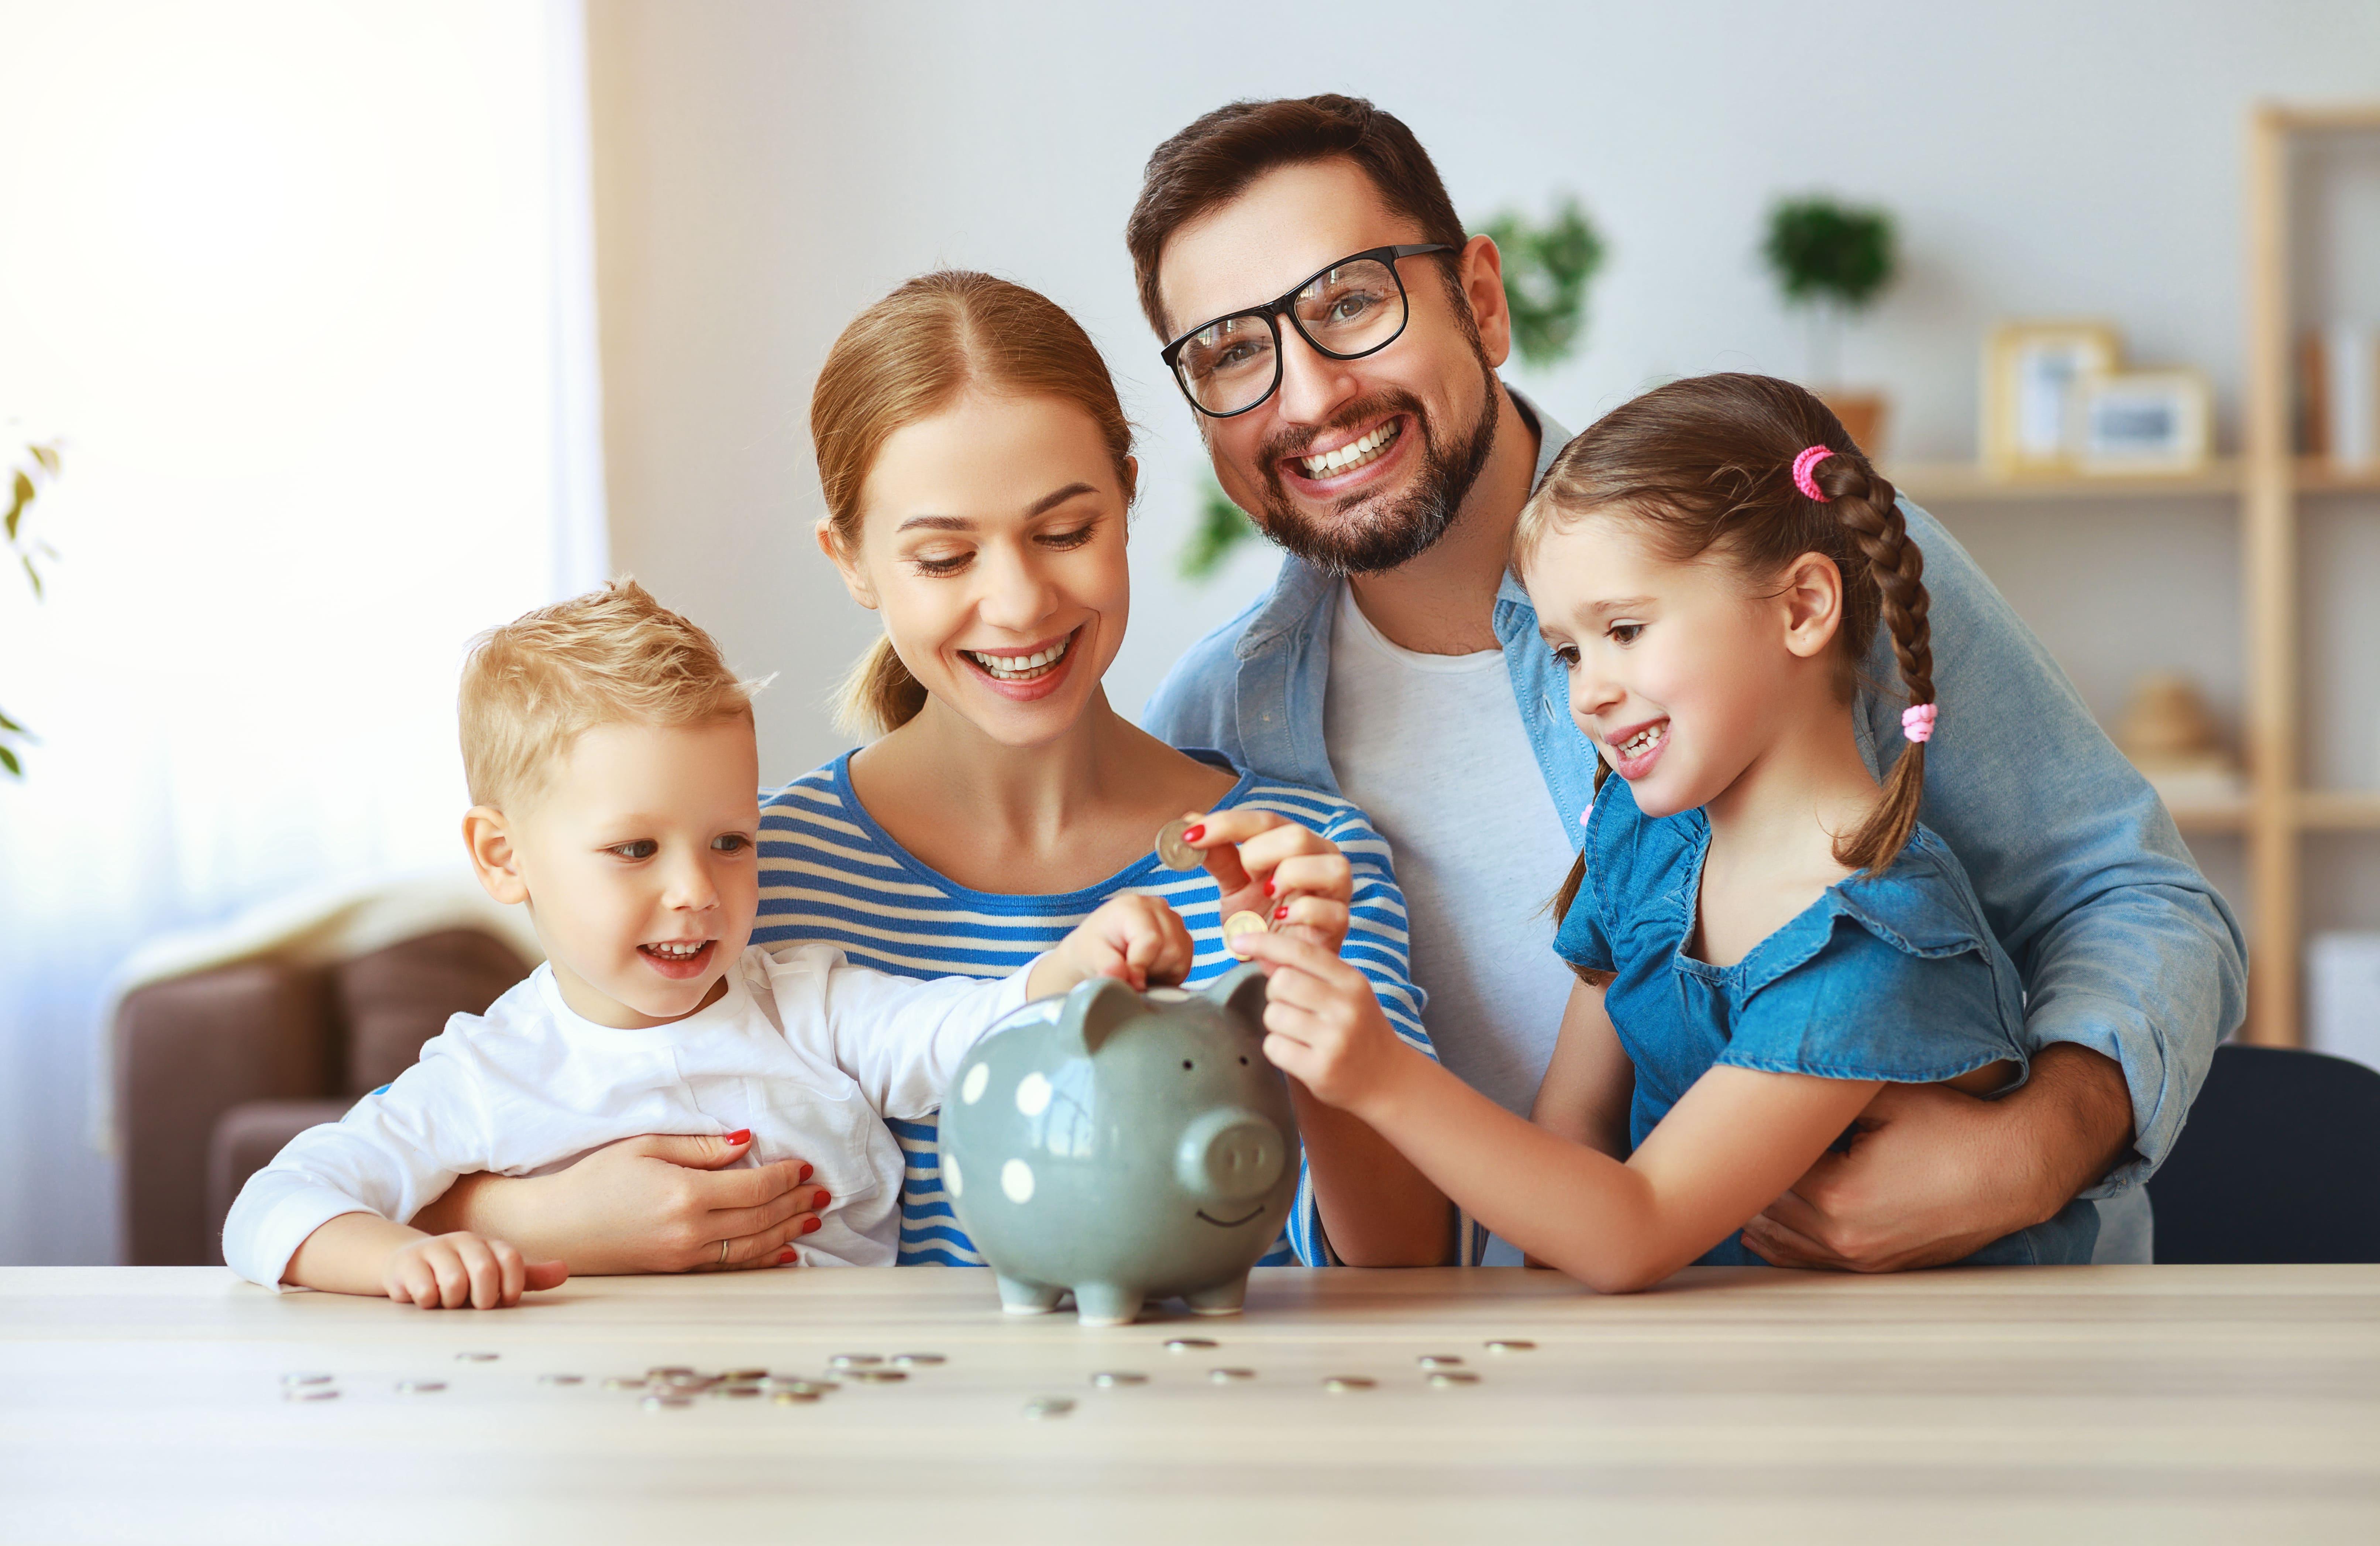 Berücksichtigung von Gehaltsnachzahlungen beim Elterngeld